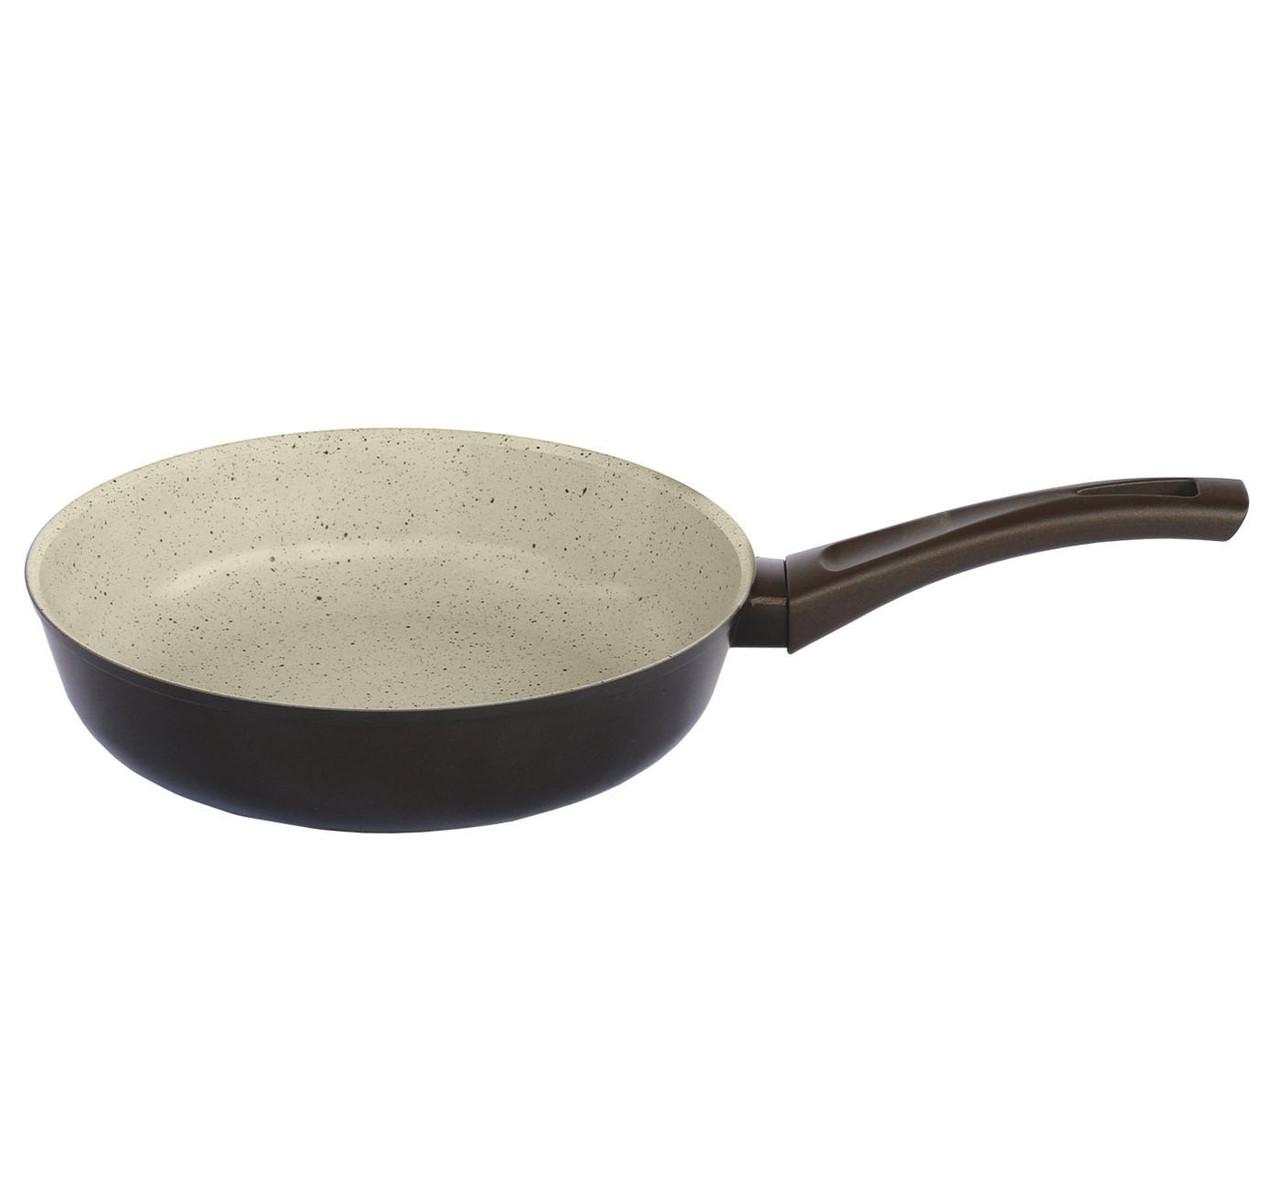 Сковорода Класик декор 28см Біол